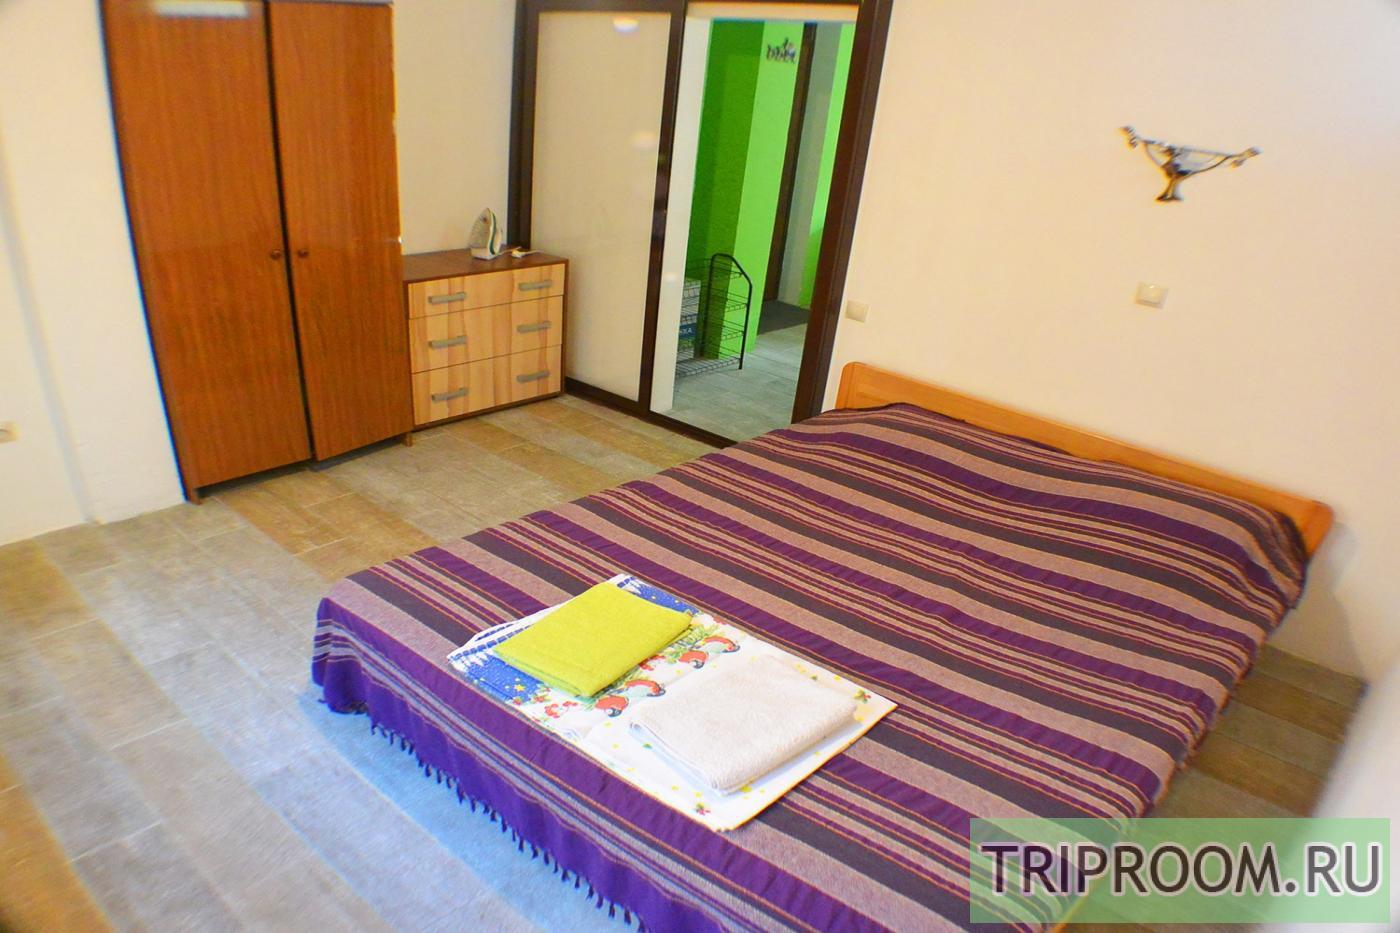 2-комнатная квартира посуточно (вариант № 26983), ул. 8-е марта улица, фото № 4